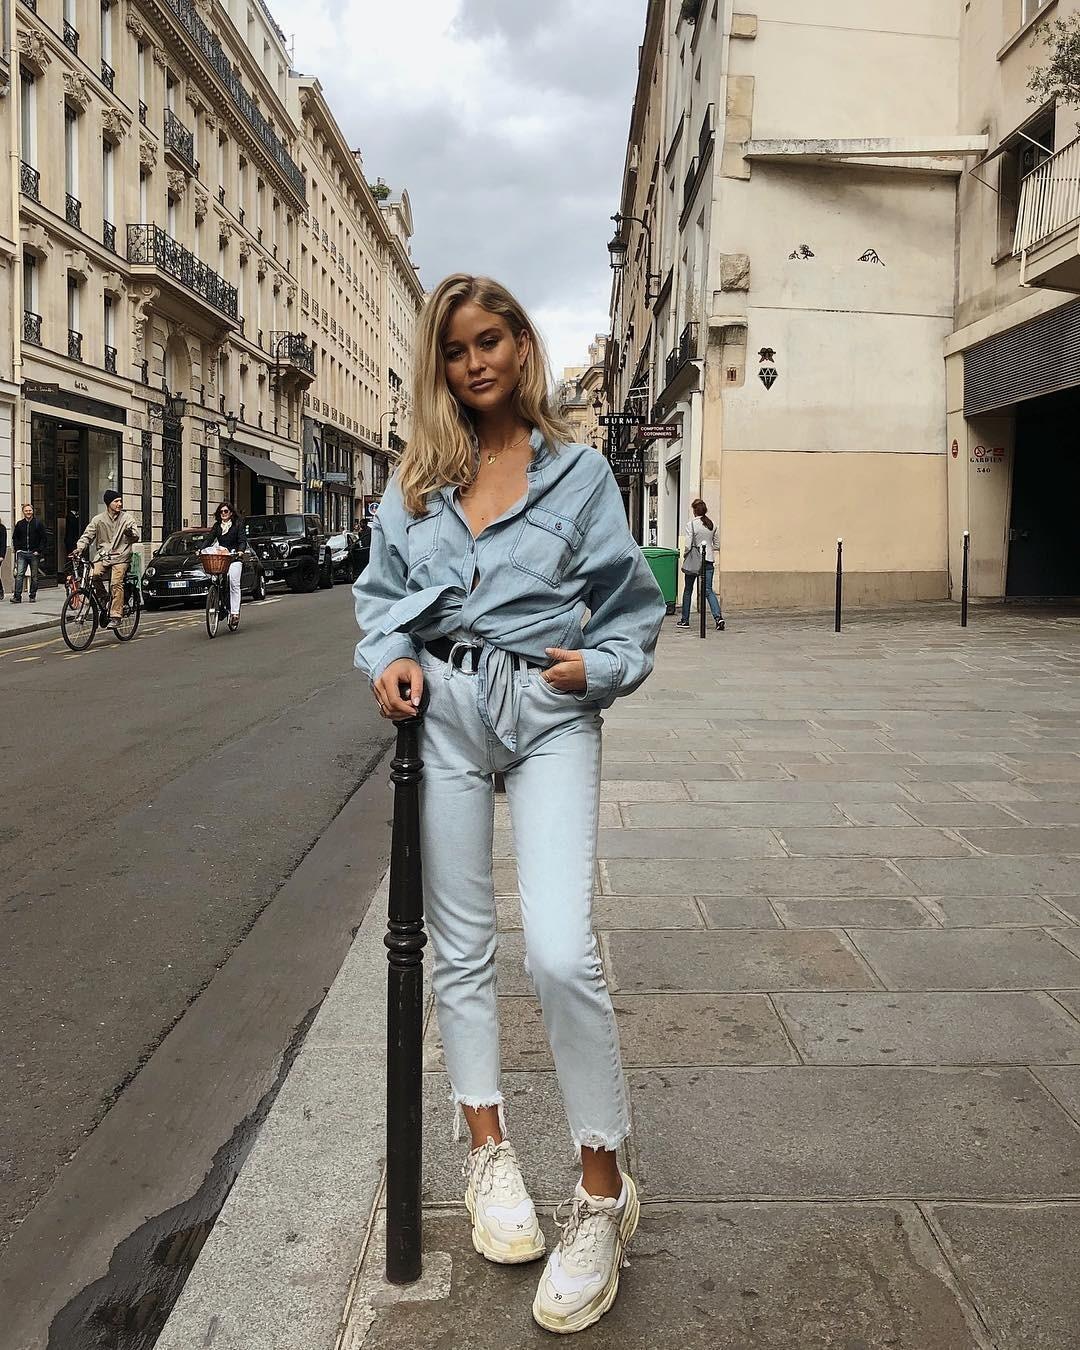 Джинсы-скинни снизу и джинсовая рубашка сверху — идеальное сочетание для пасмурных осенних дней. Добавь в комплекту объемные кроссовки — и образ собран. Маленький секрет: всегда сочетай р...